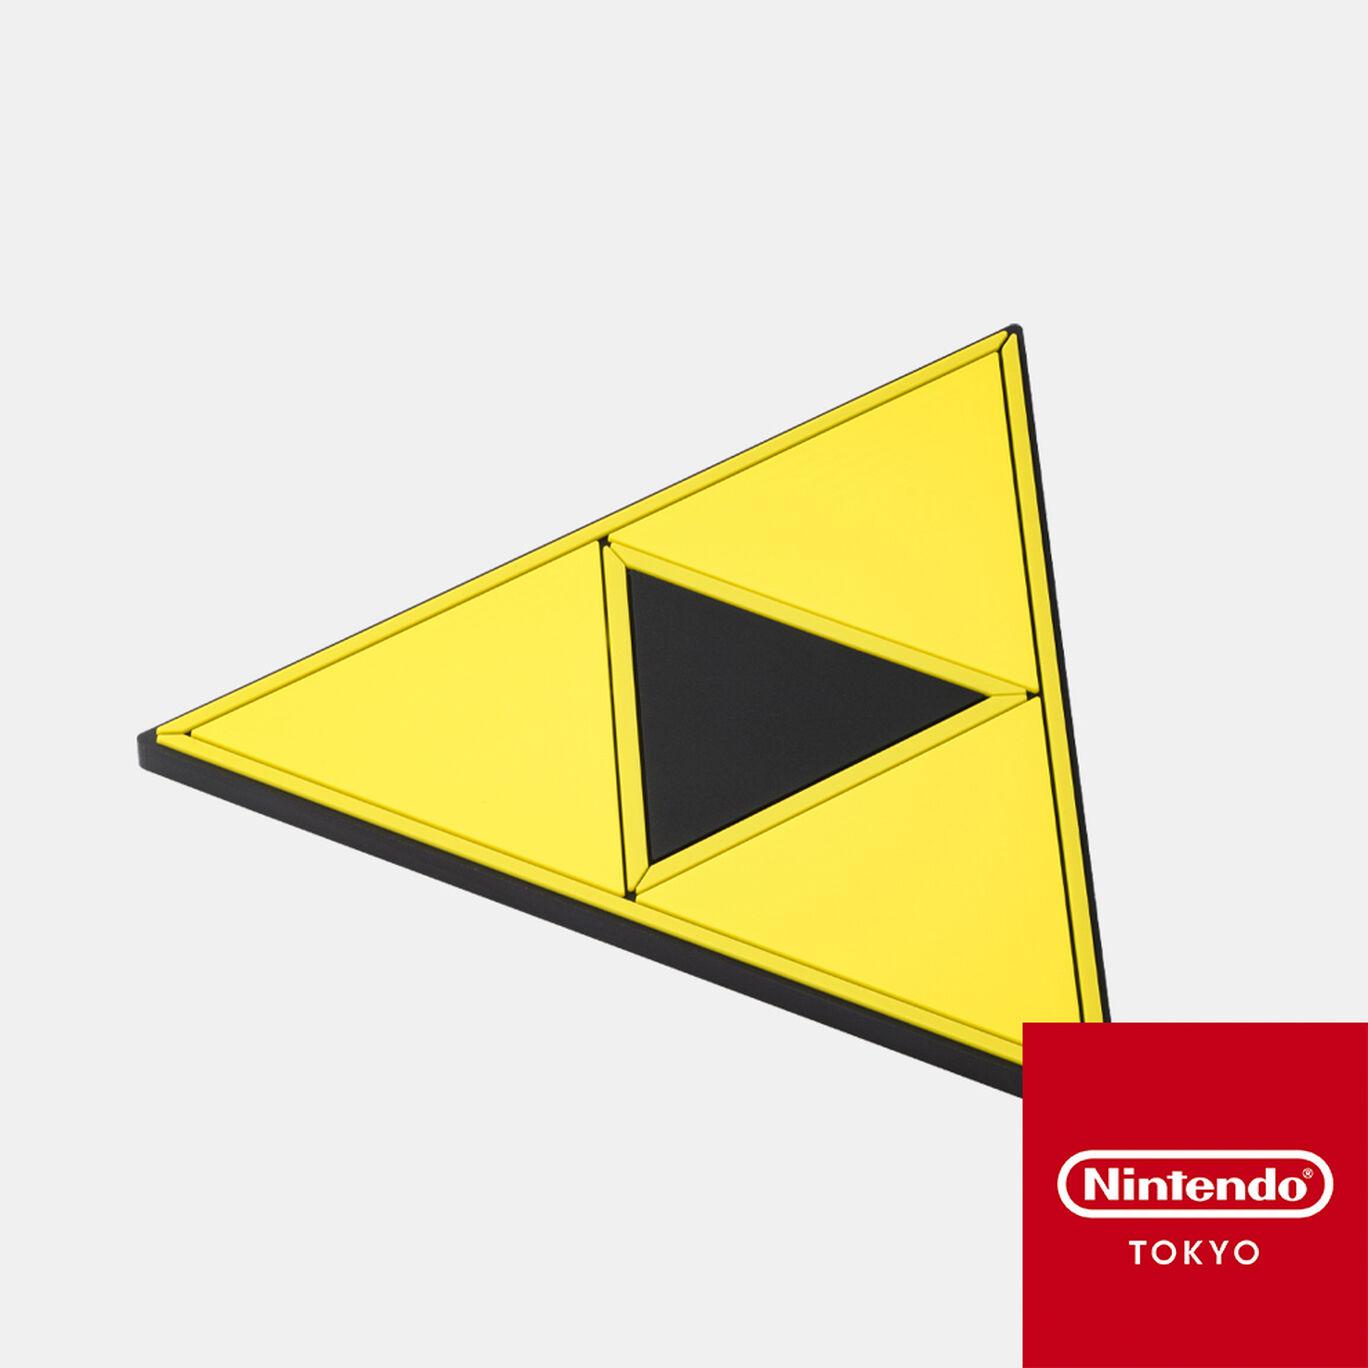 ラバーコースター ゼルダの伝説 B【Nintendo TOKYO取り扱い商品】